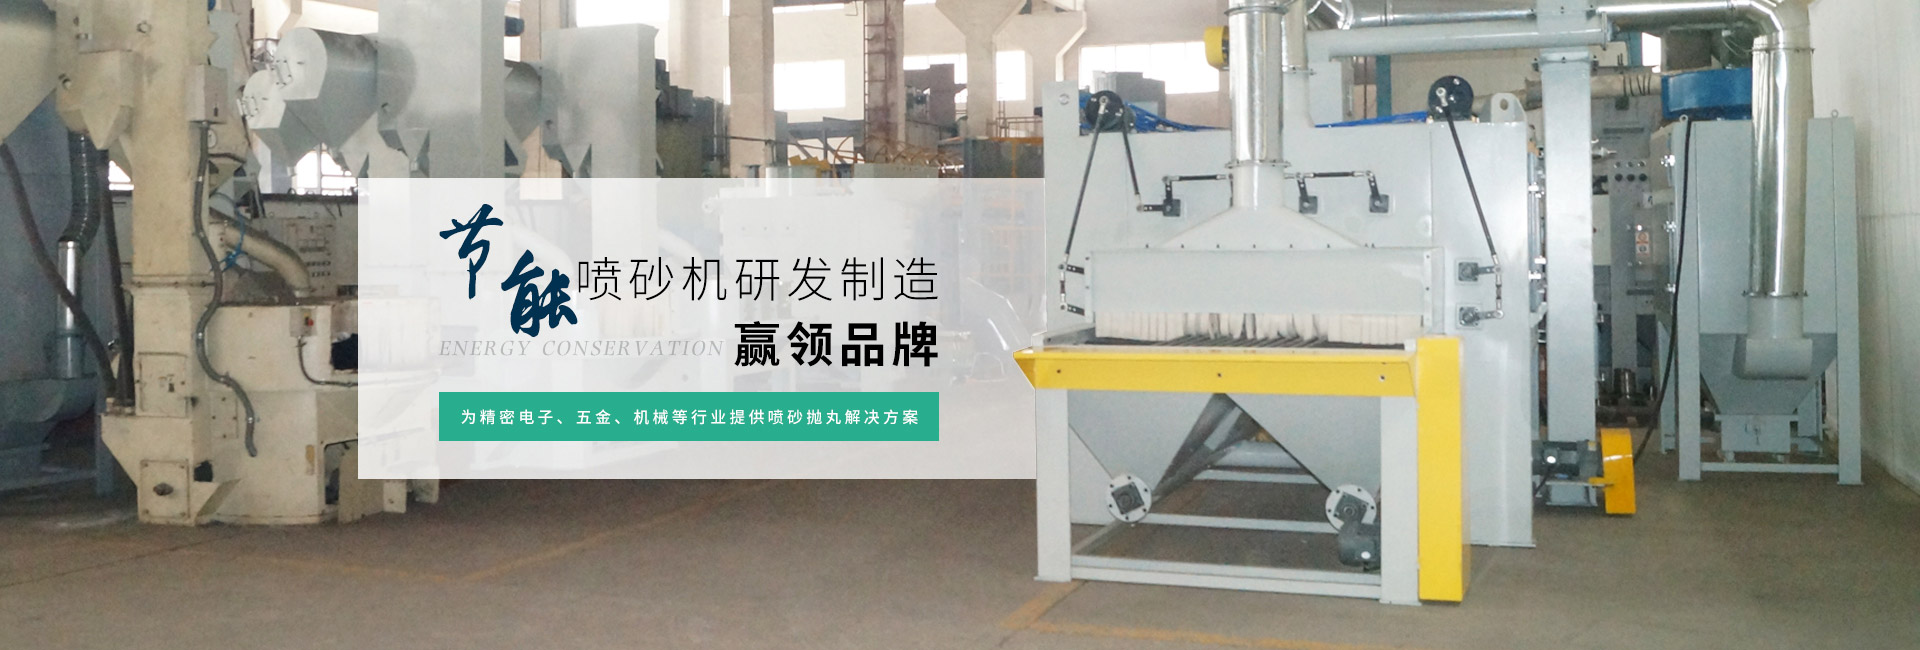 泰盛机械-赢领节能喷砂机研发制造品牌